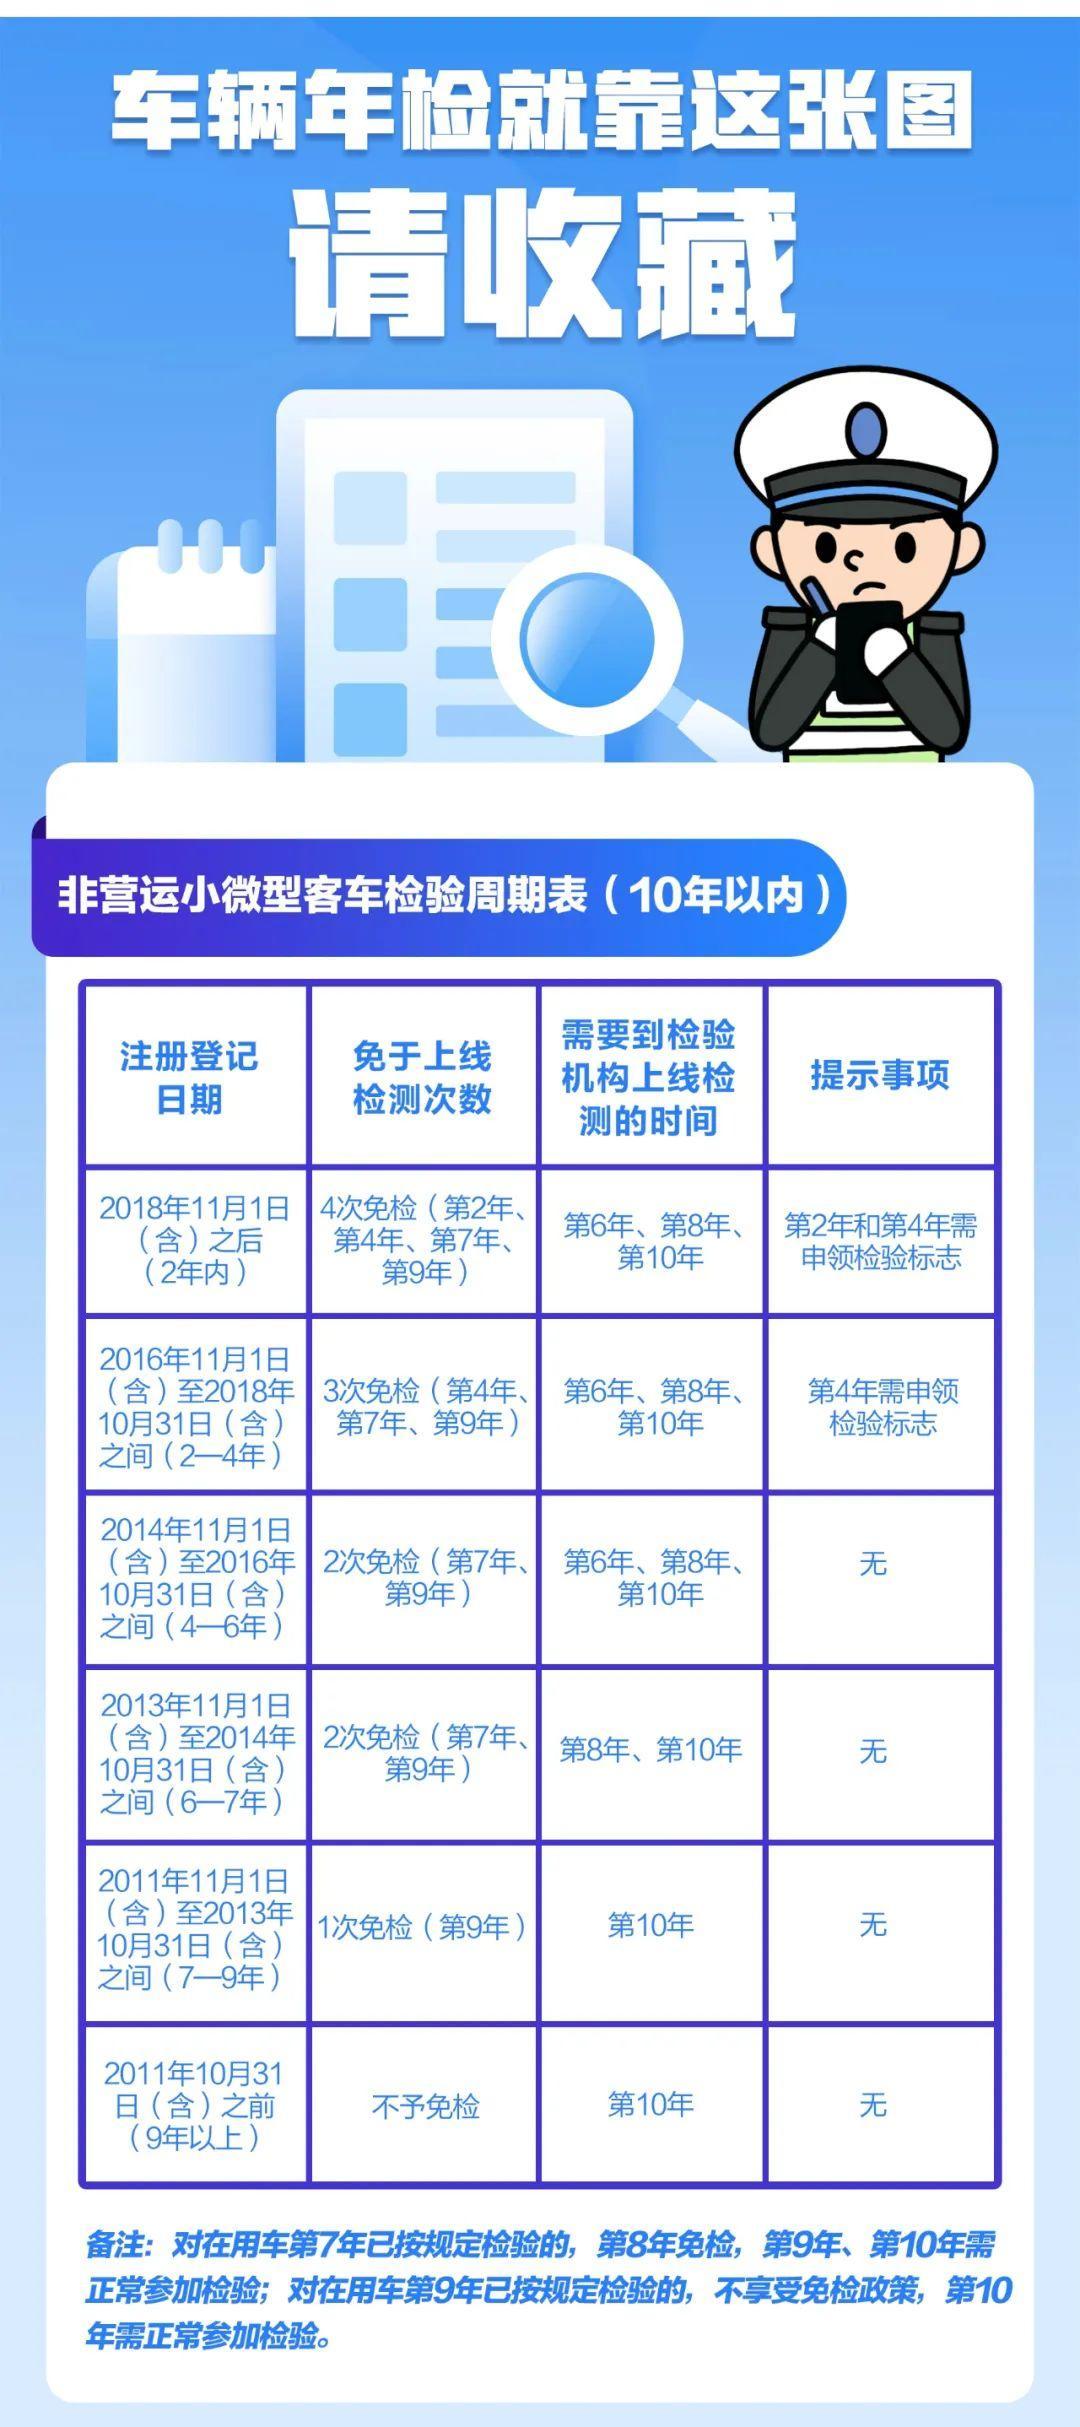 注意了!11月20日起车辆免检范围扩大!浙江将有240万车主受益!